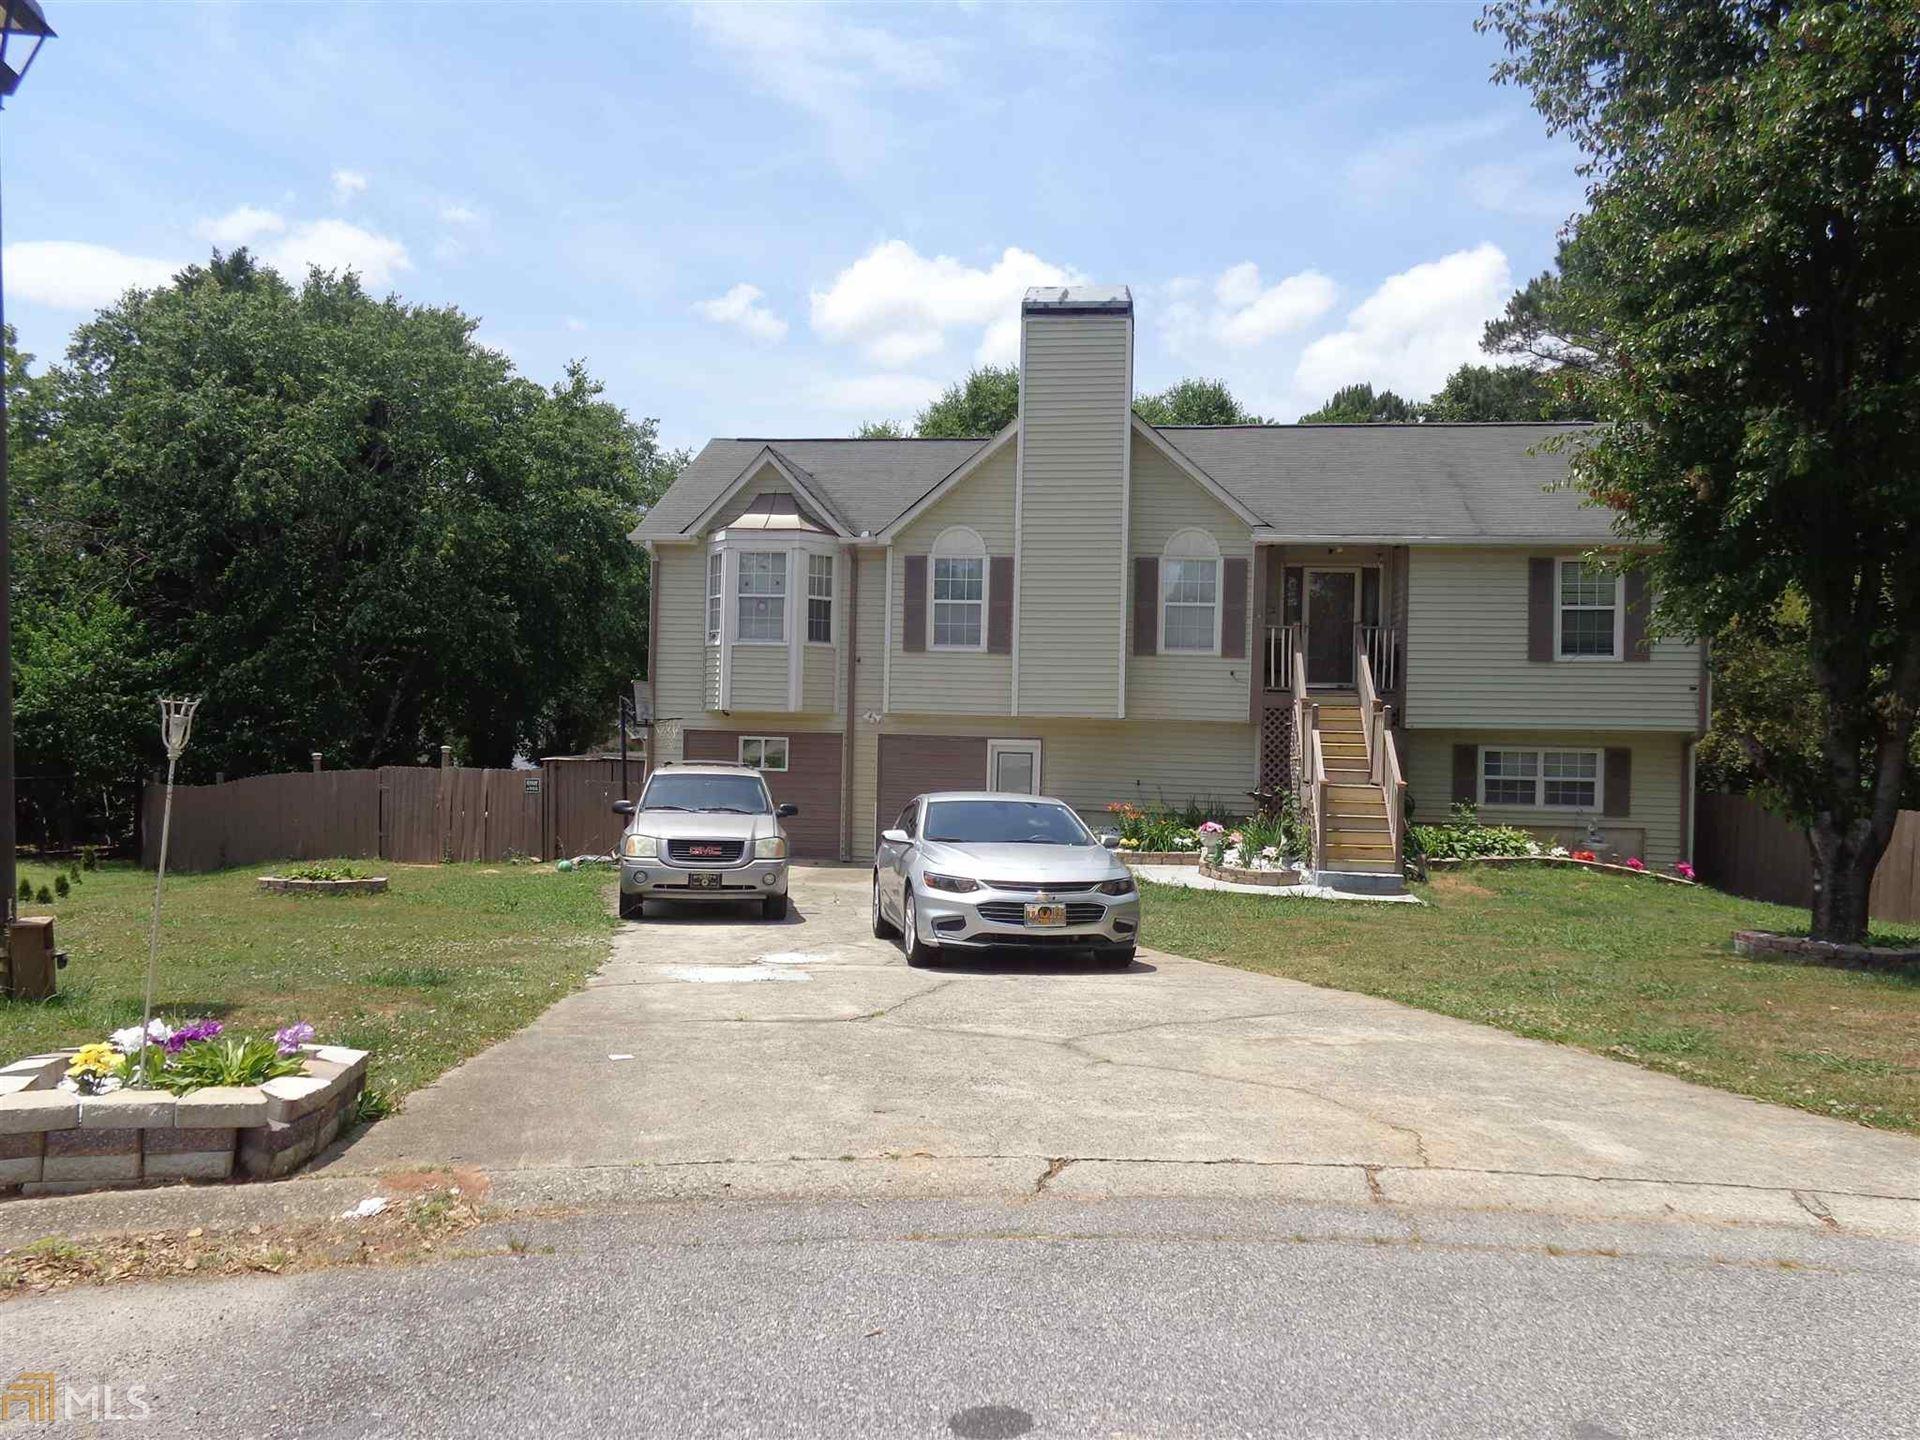 9189 Twin Oaks Ct, Jonesboro, GA 30238 - #: 8789444